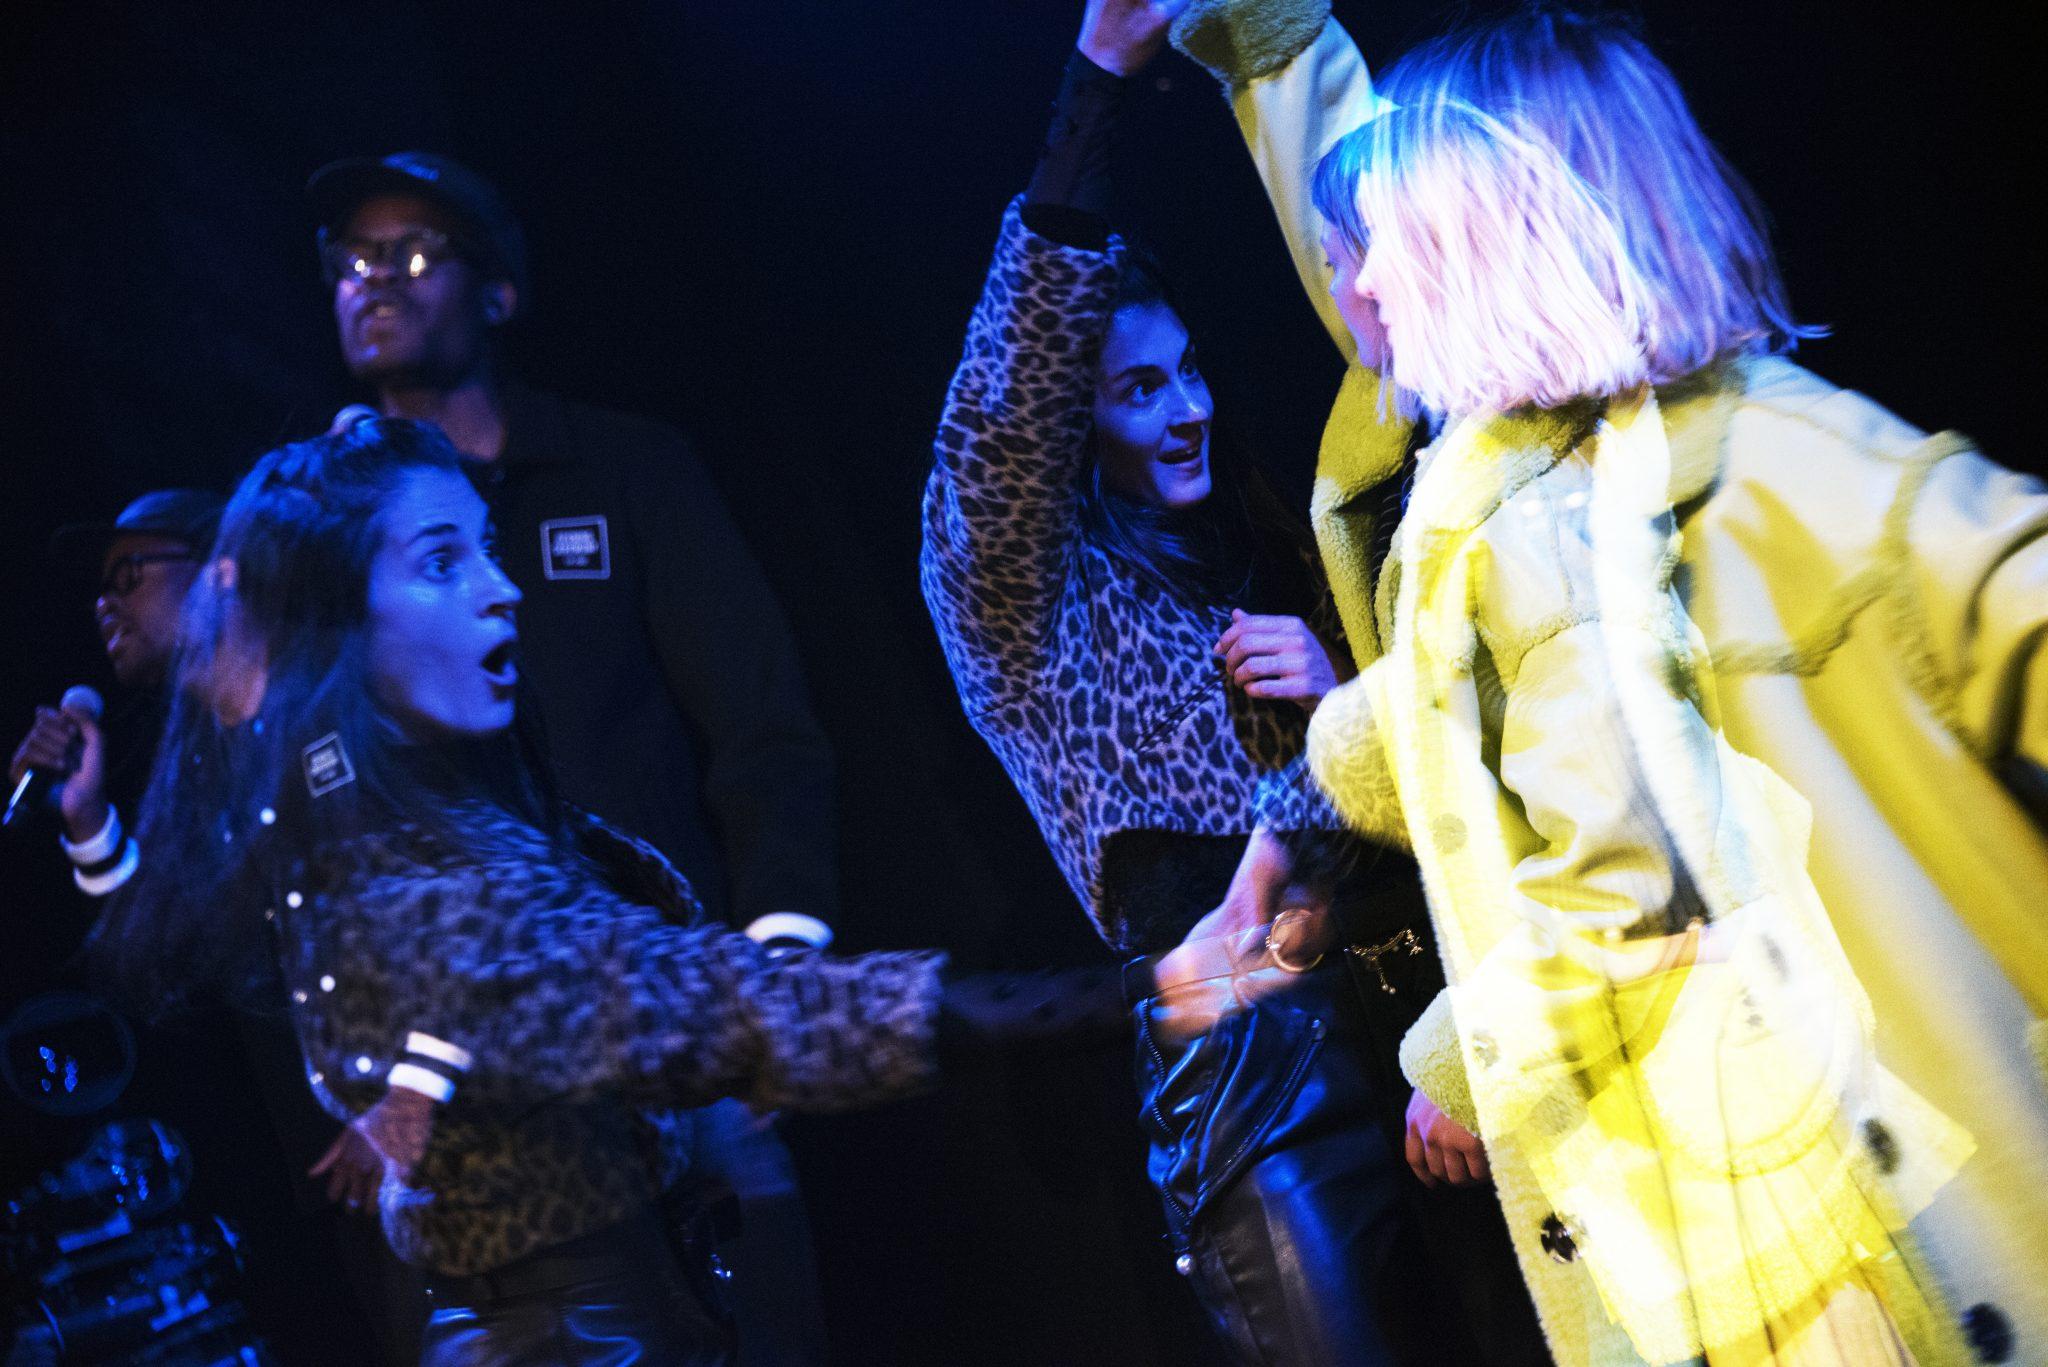 New York, NY: September 10, 2017: Fenty Puma SS 2017 with Rihanna, New York Fashion Week at Park Ave Armory. Photographer: Dolly Faibyshev.